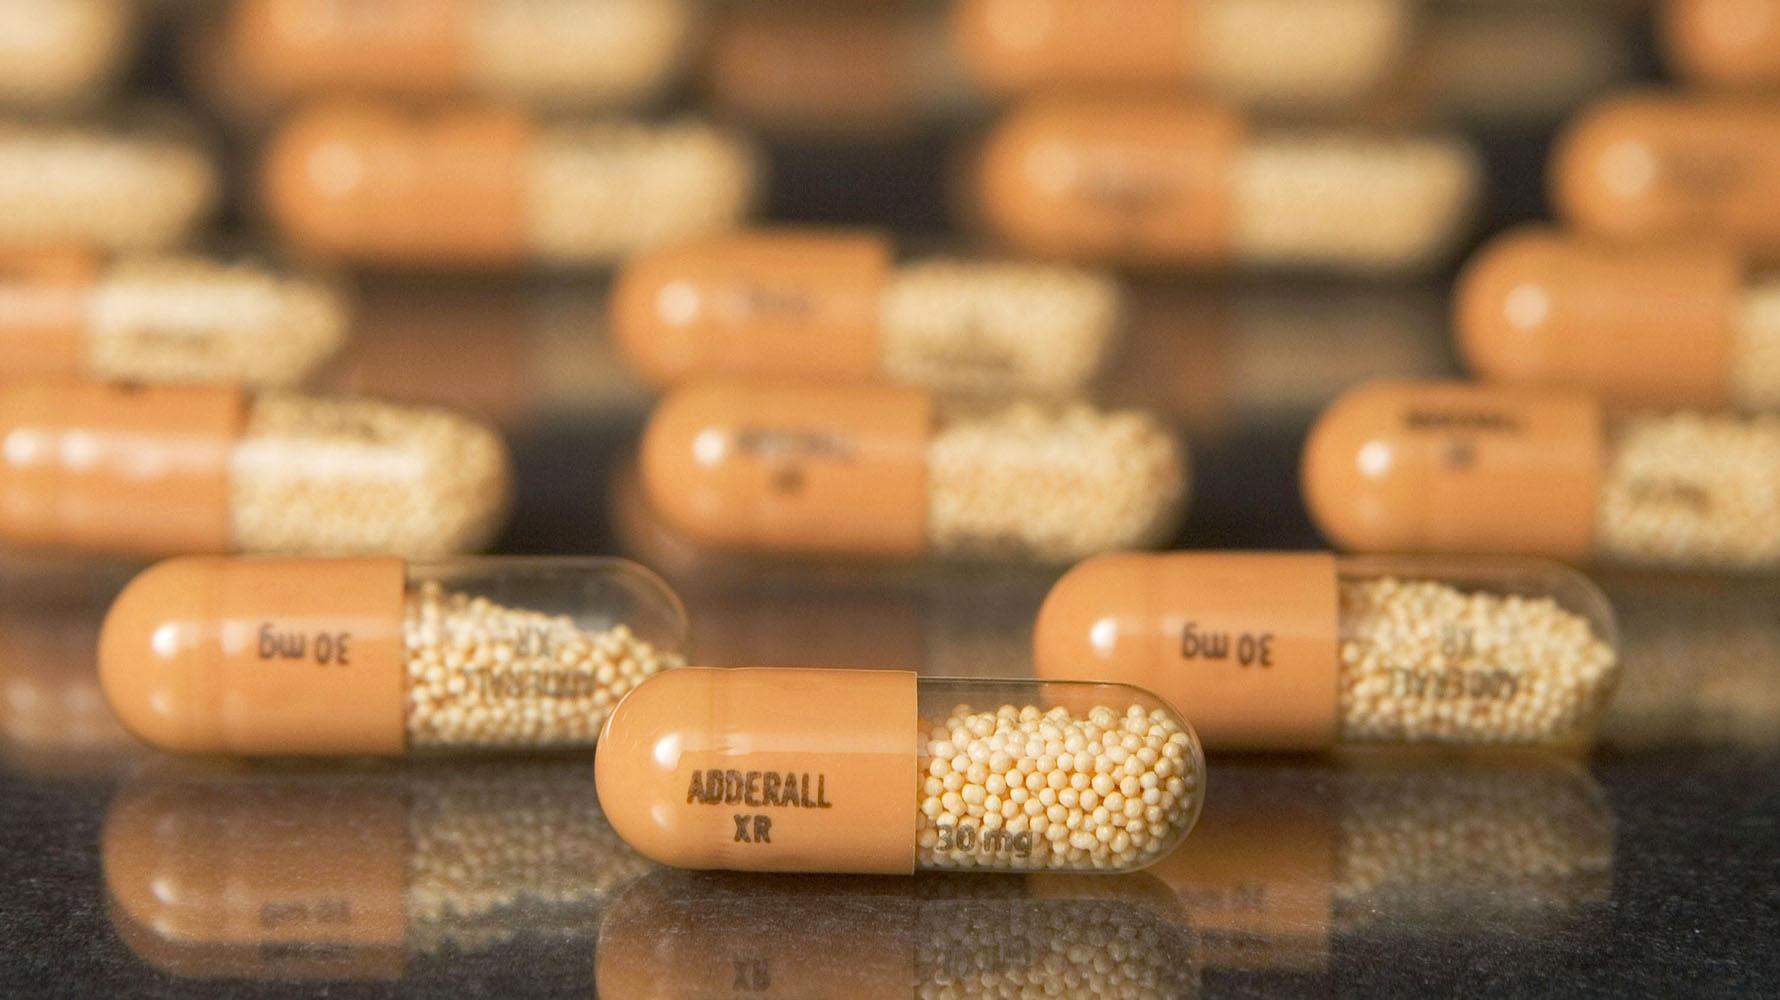 adderall mood booster supplement